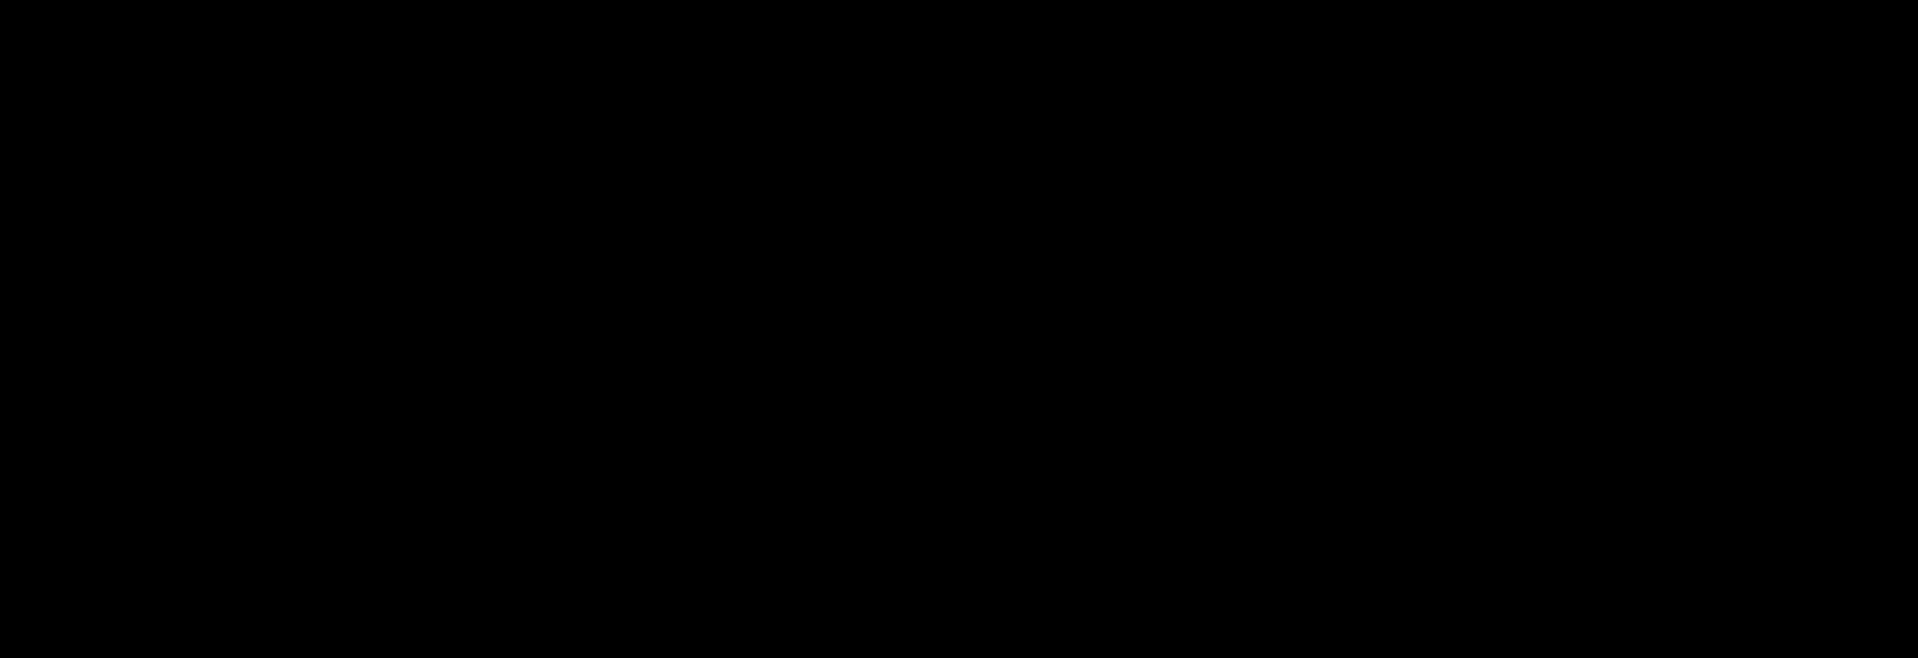 cultur3r-logo-noir.png